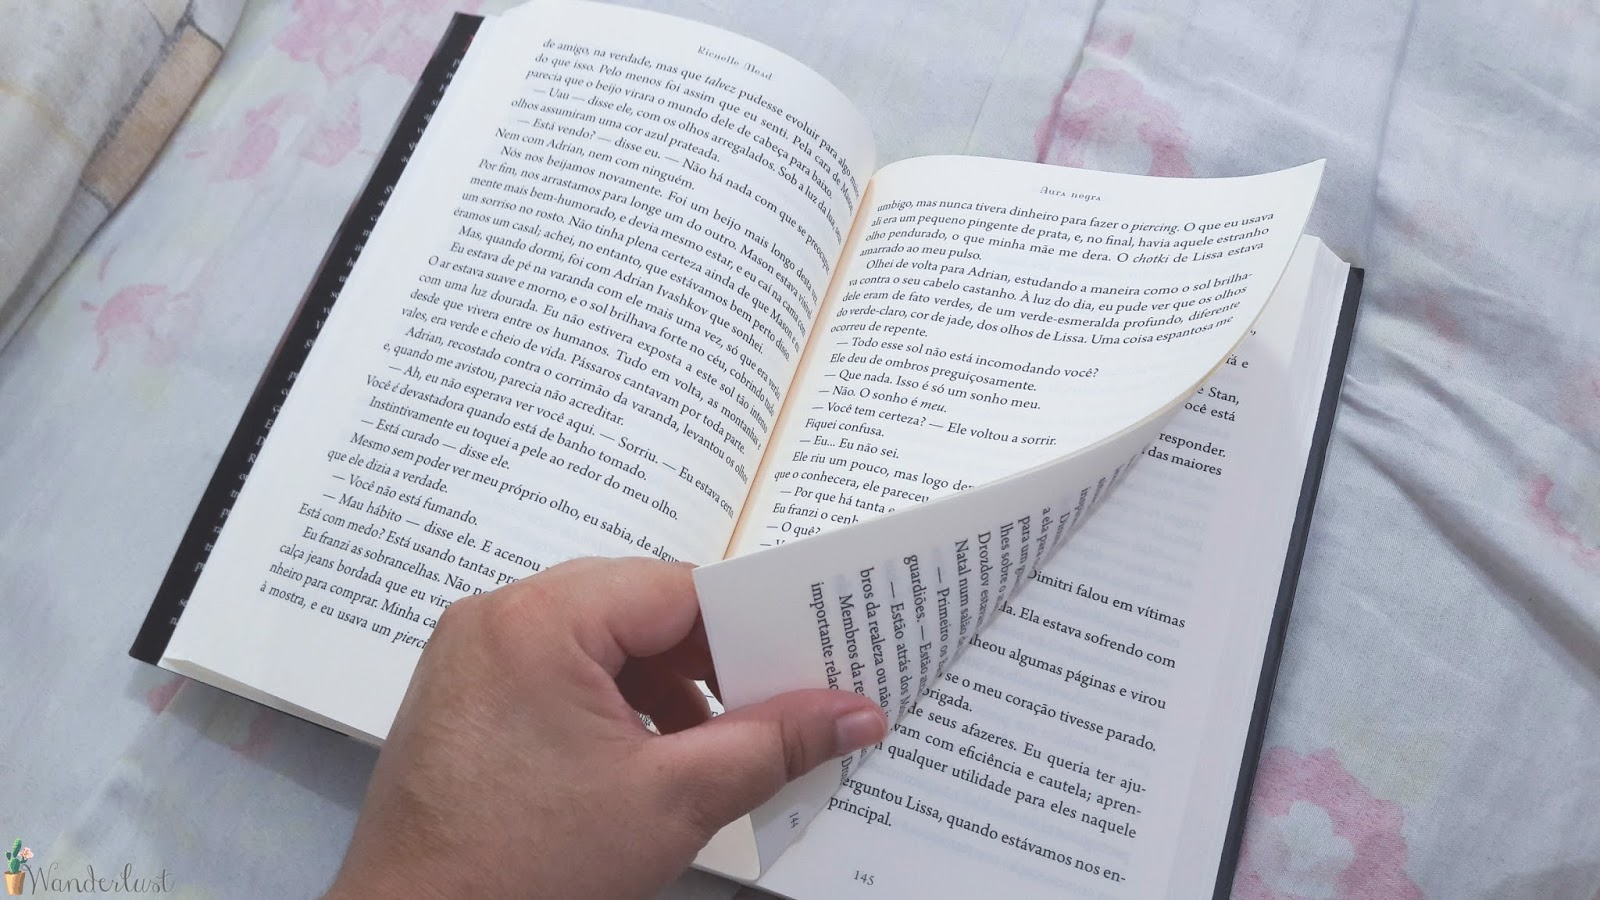 leituras, micaela ramos, livro, fotografia, academia de vampiros, aura negra, richelle mead,